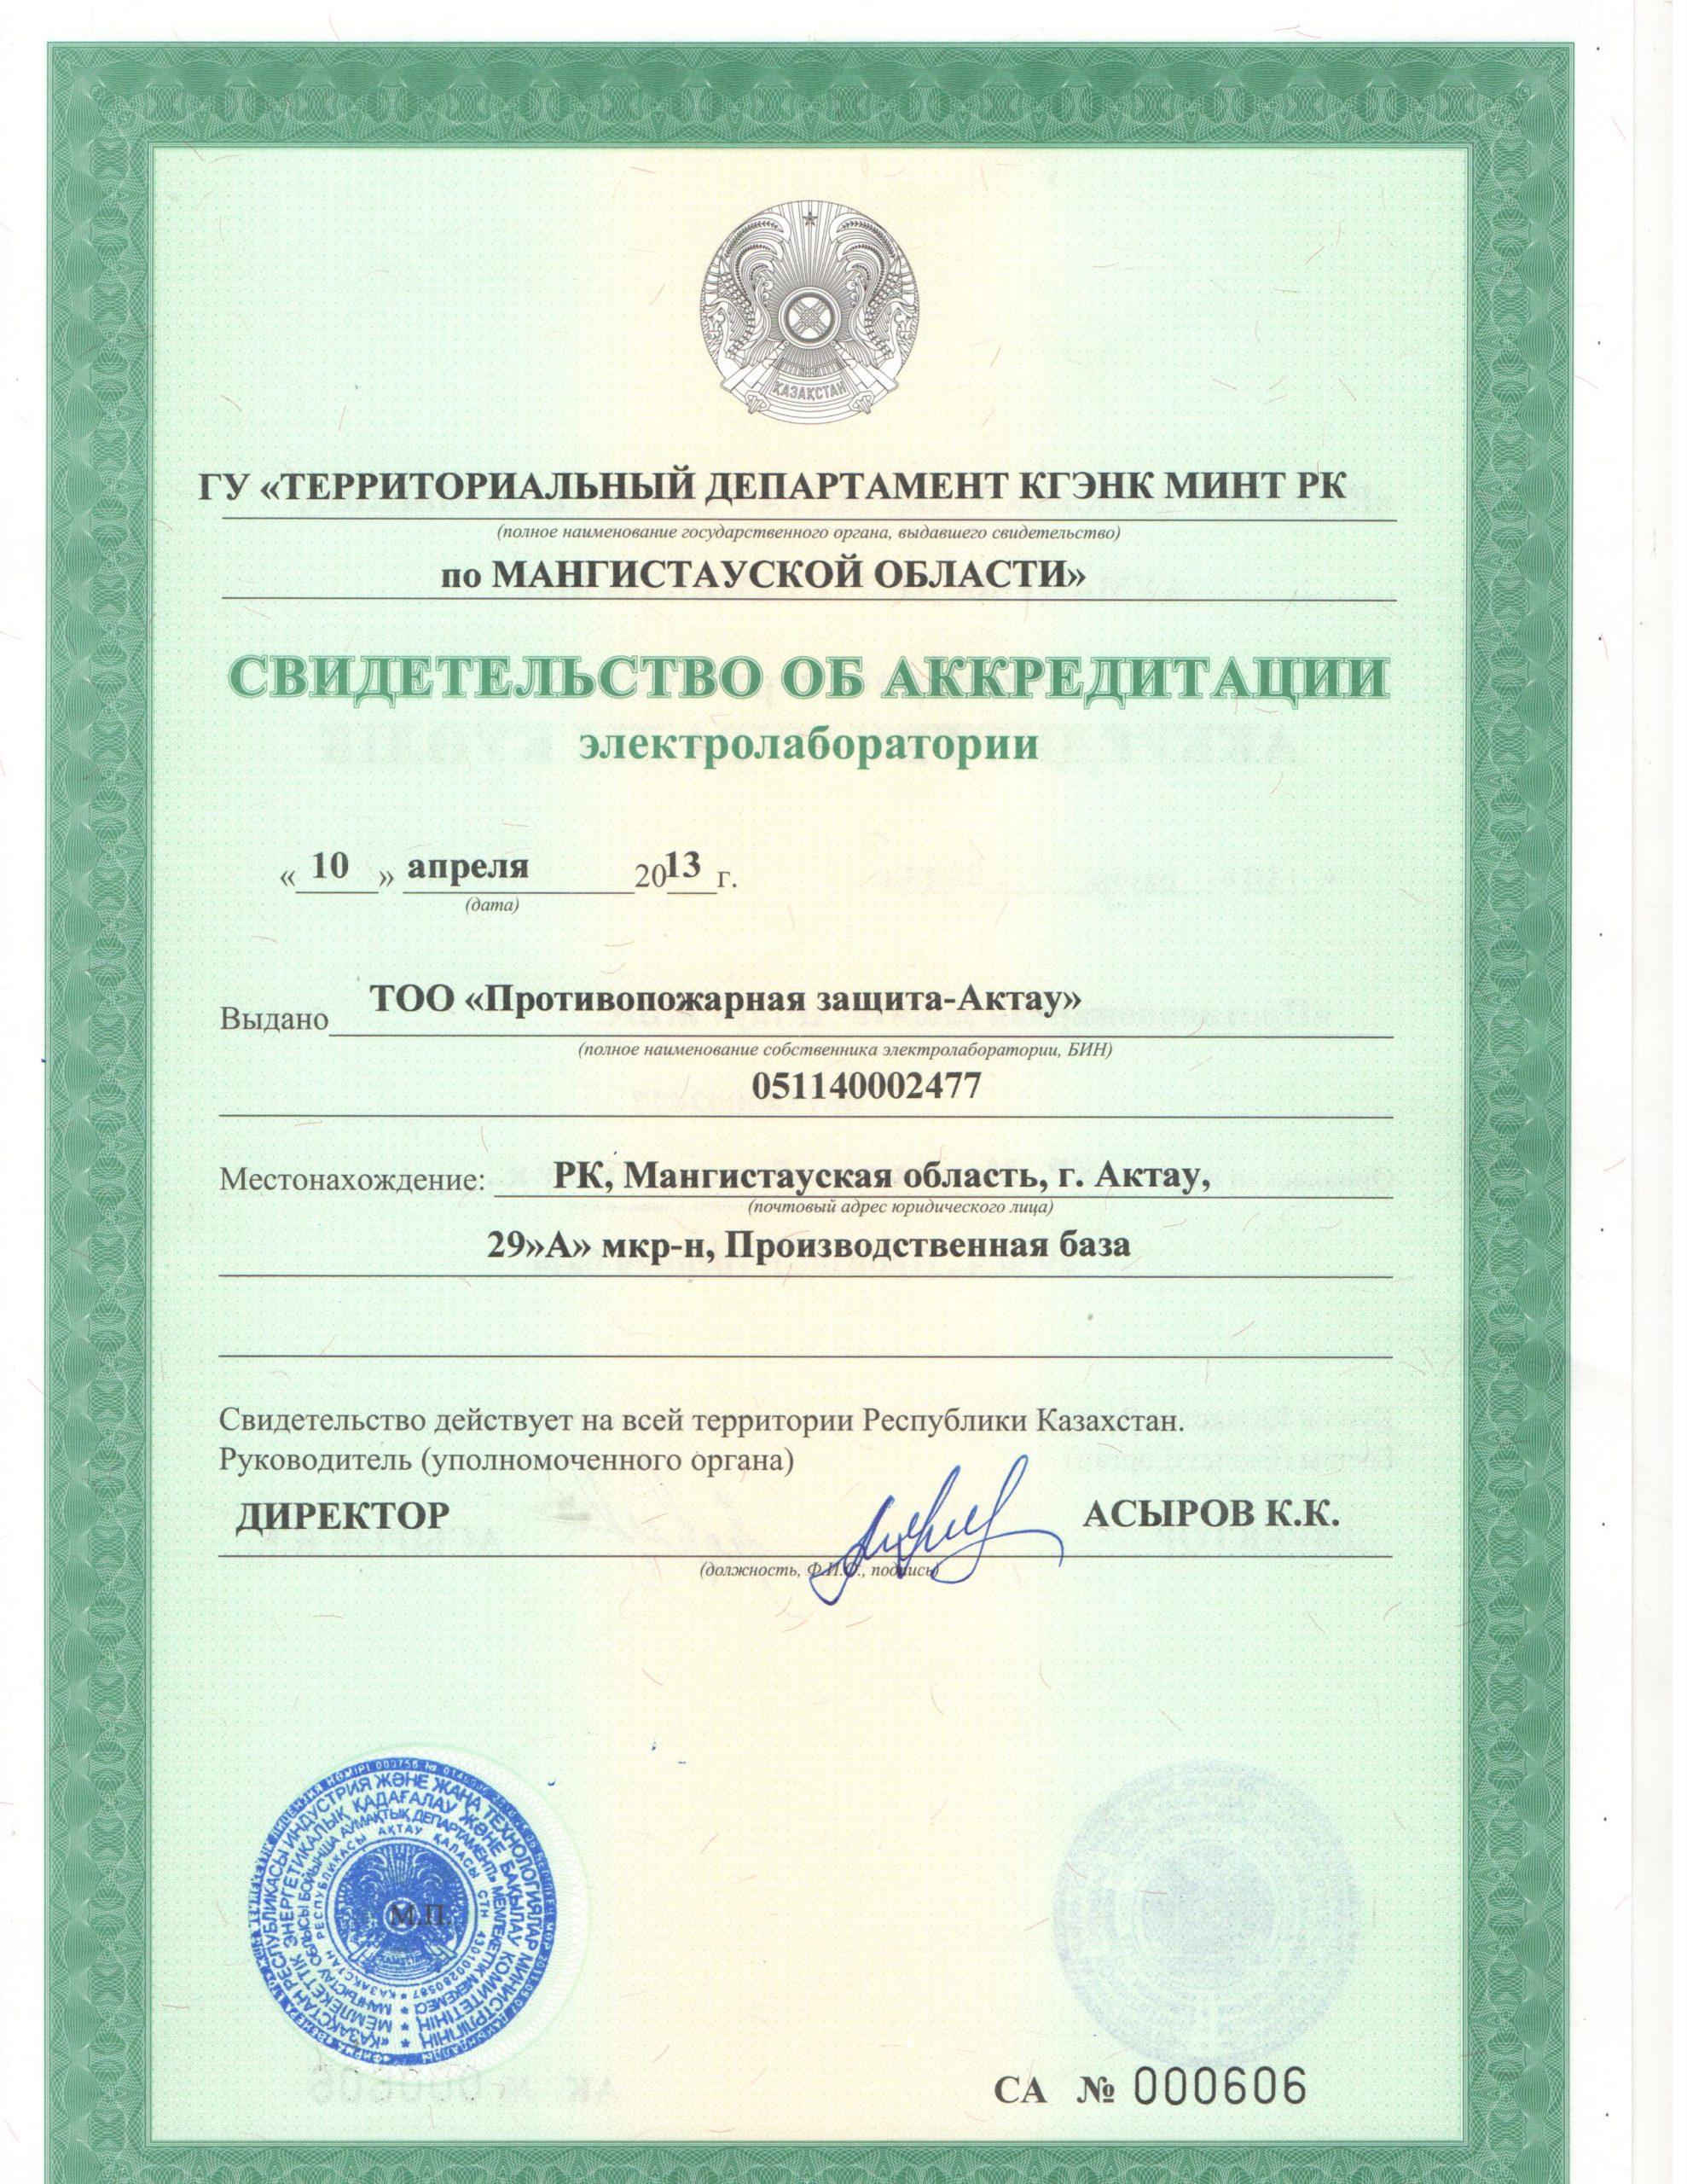 Св-во об аккредит-и электролаборатории от 10.04.13 рус